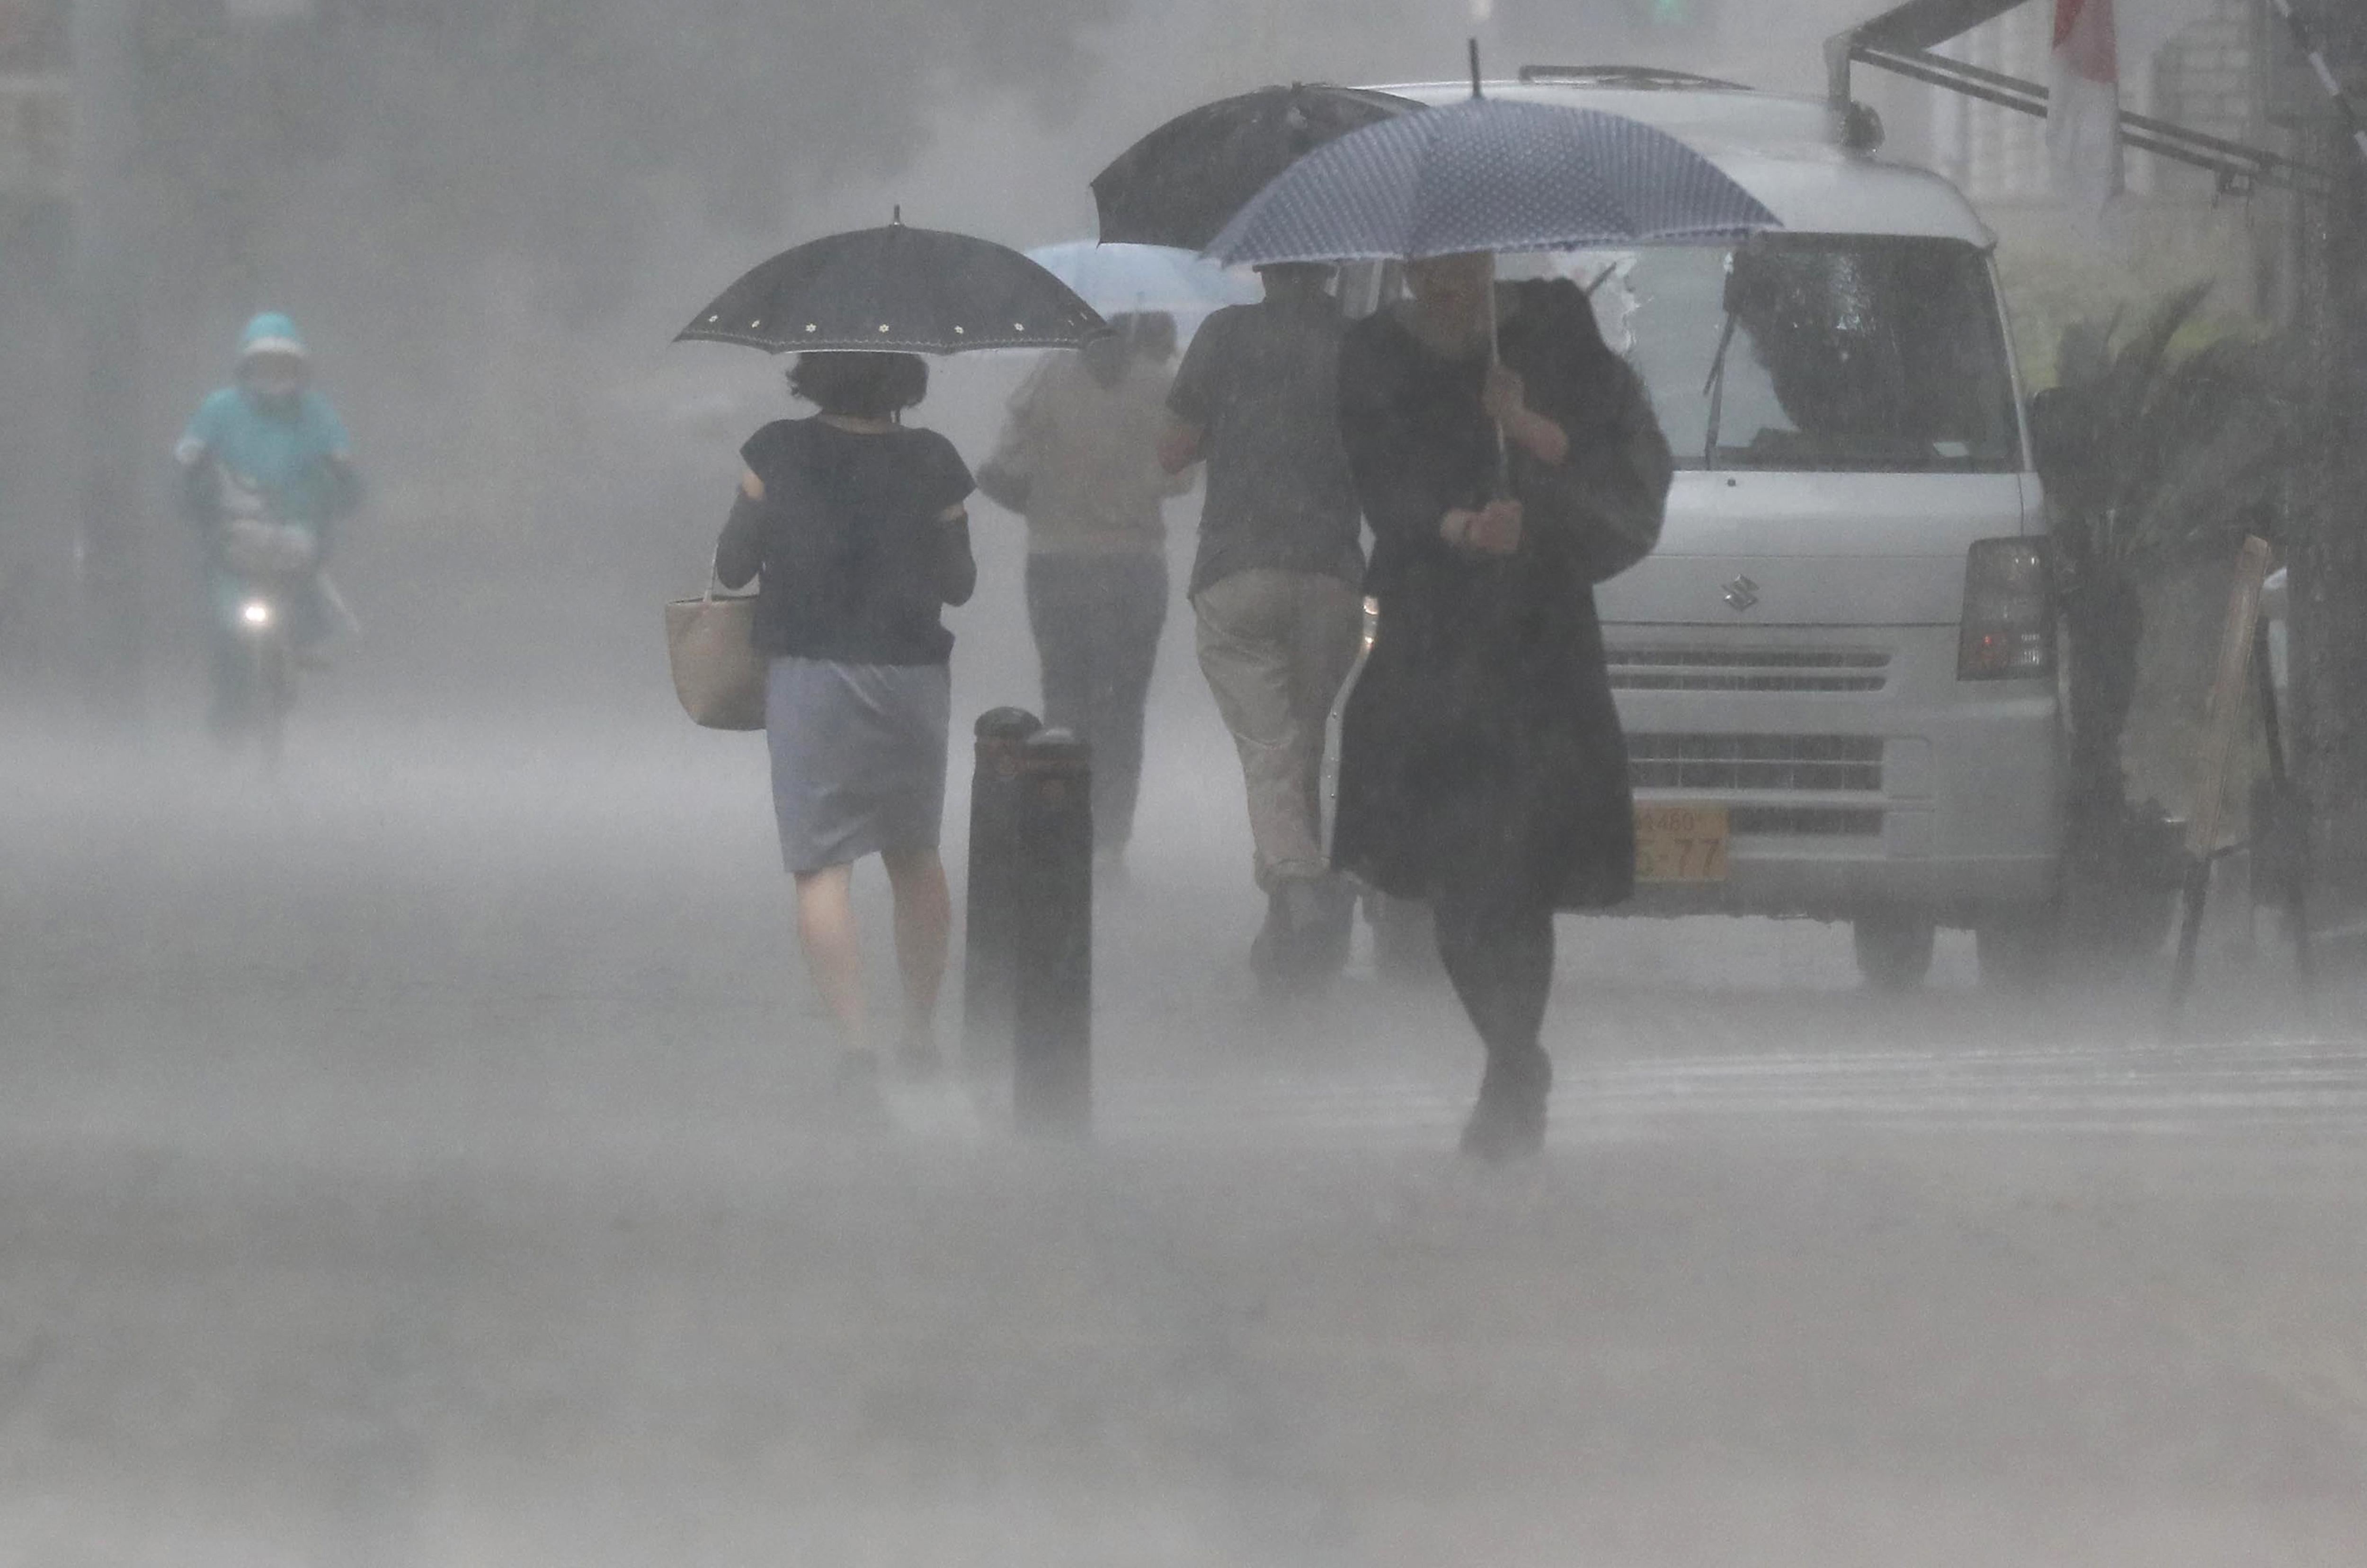 830 ezer embert kértek otthona elhagyására Japánban a heves esőzések miatt